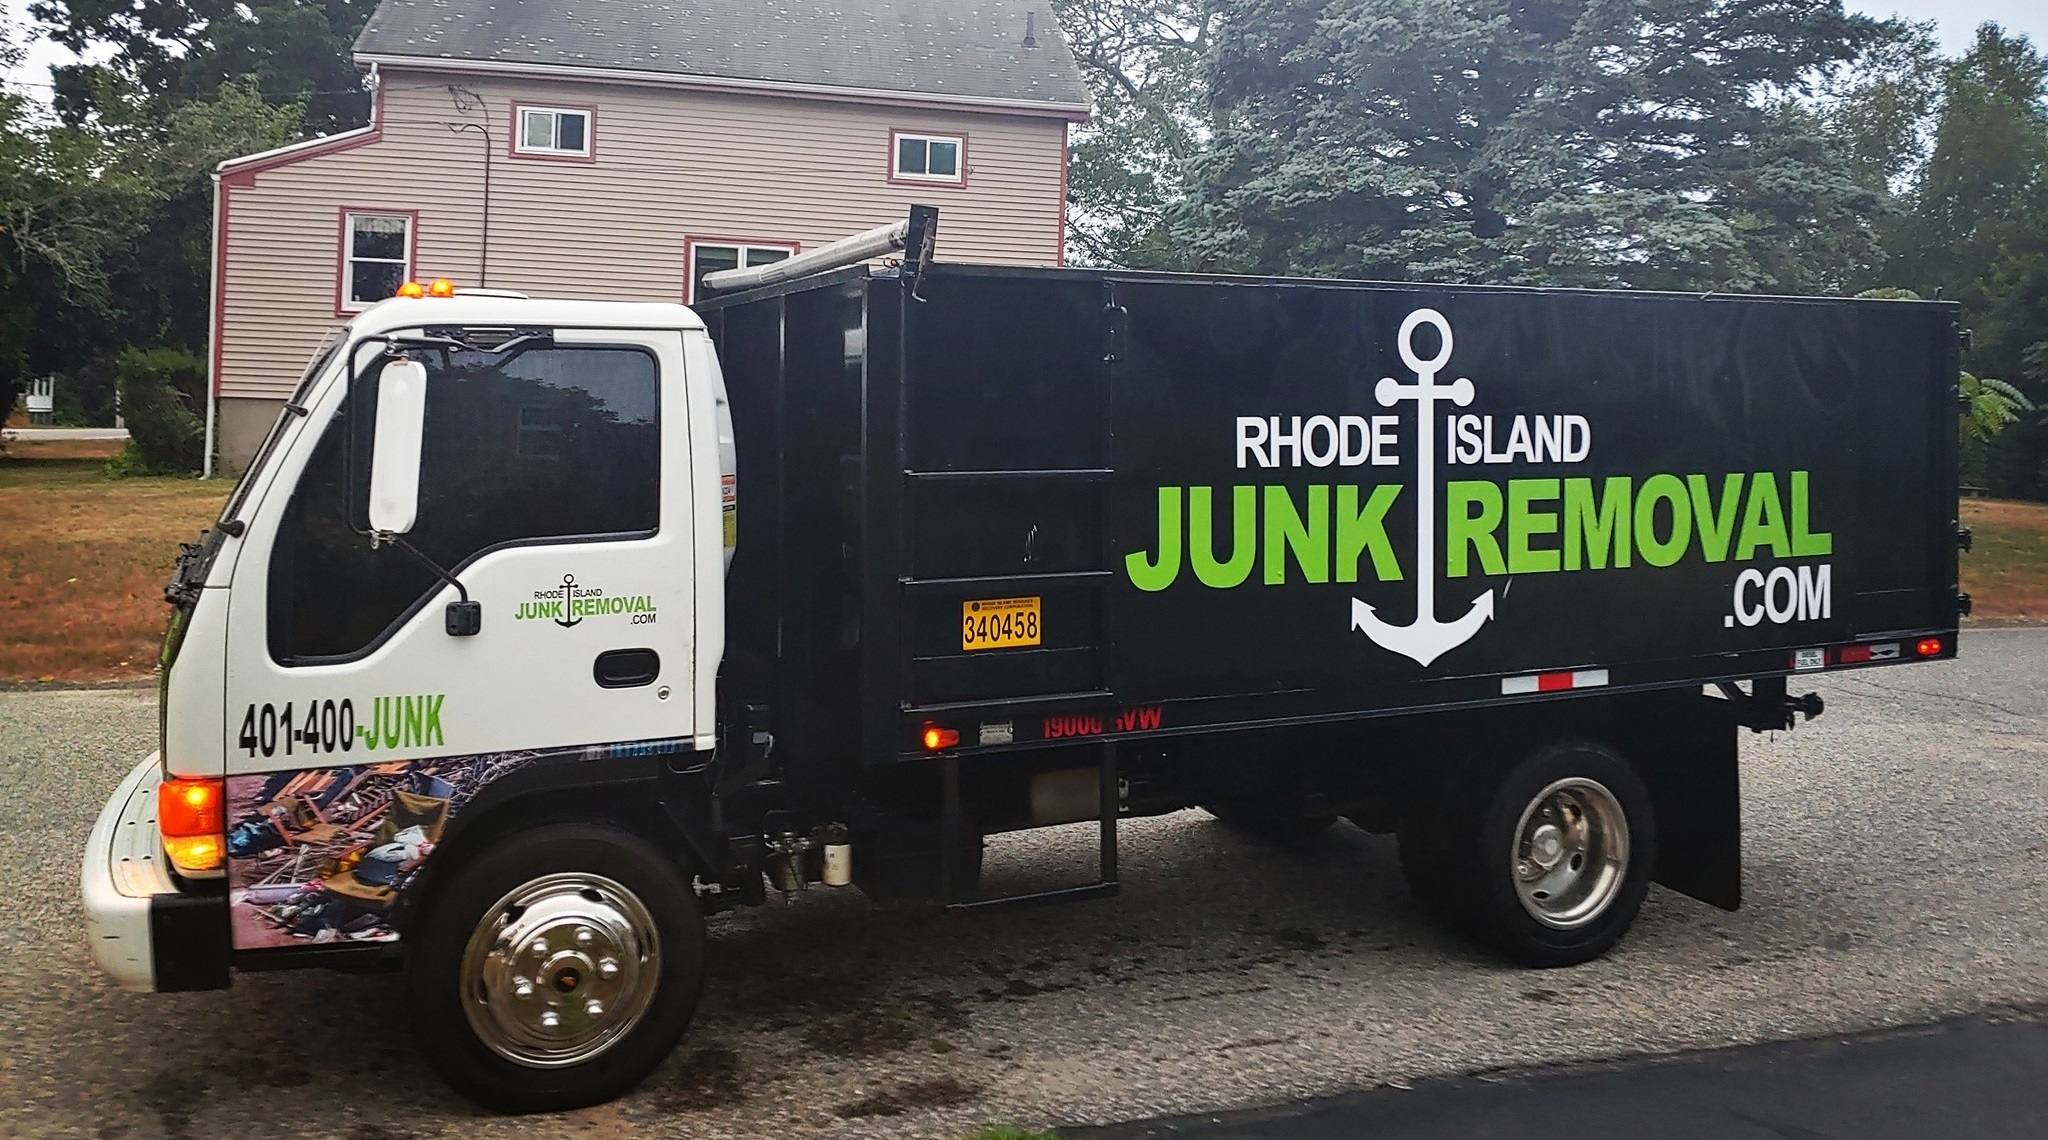 ri-junk-removal-isuzu-3